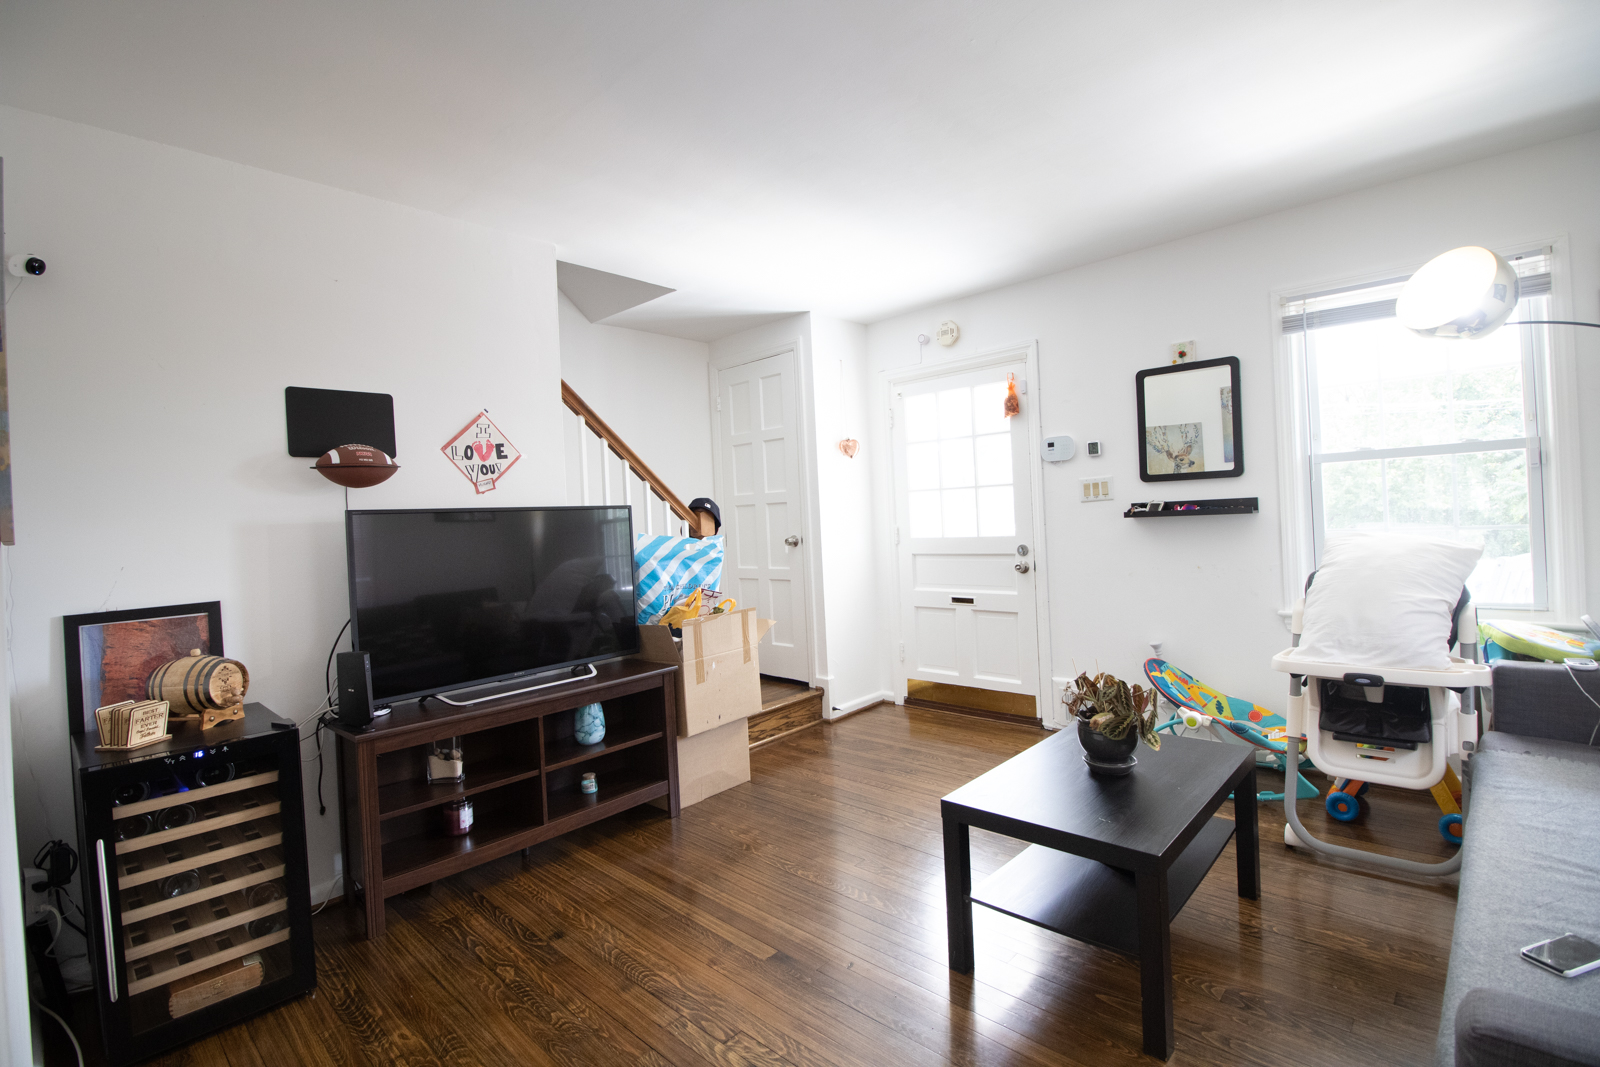 Interior apartment image